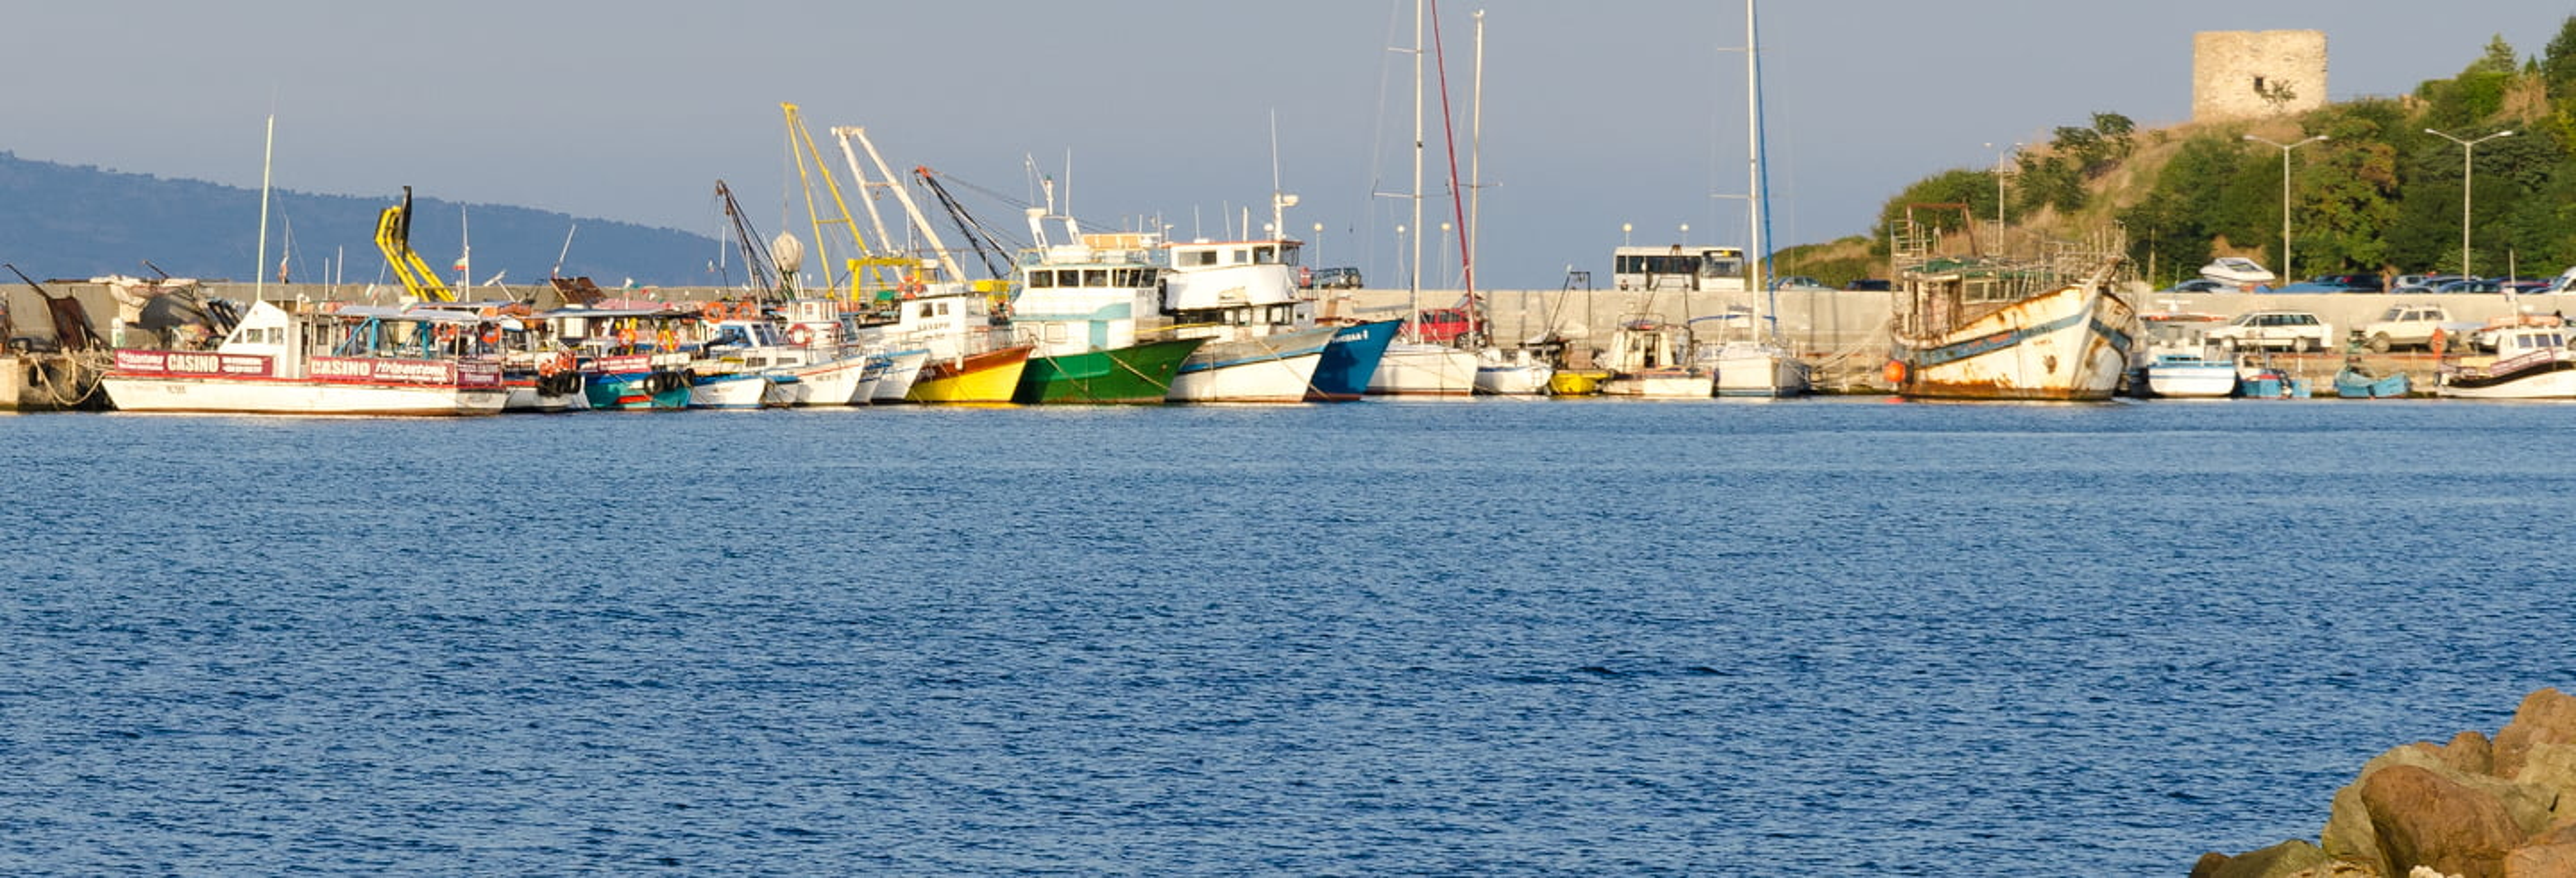 Crucero por las bahías de Nesebar